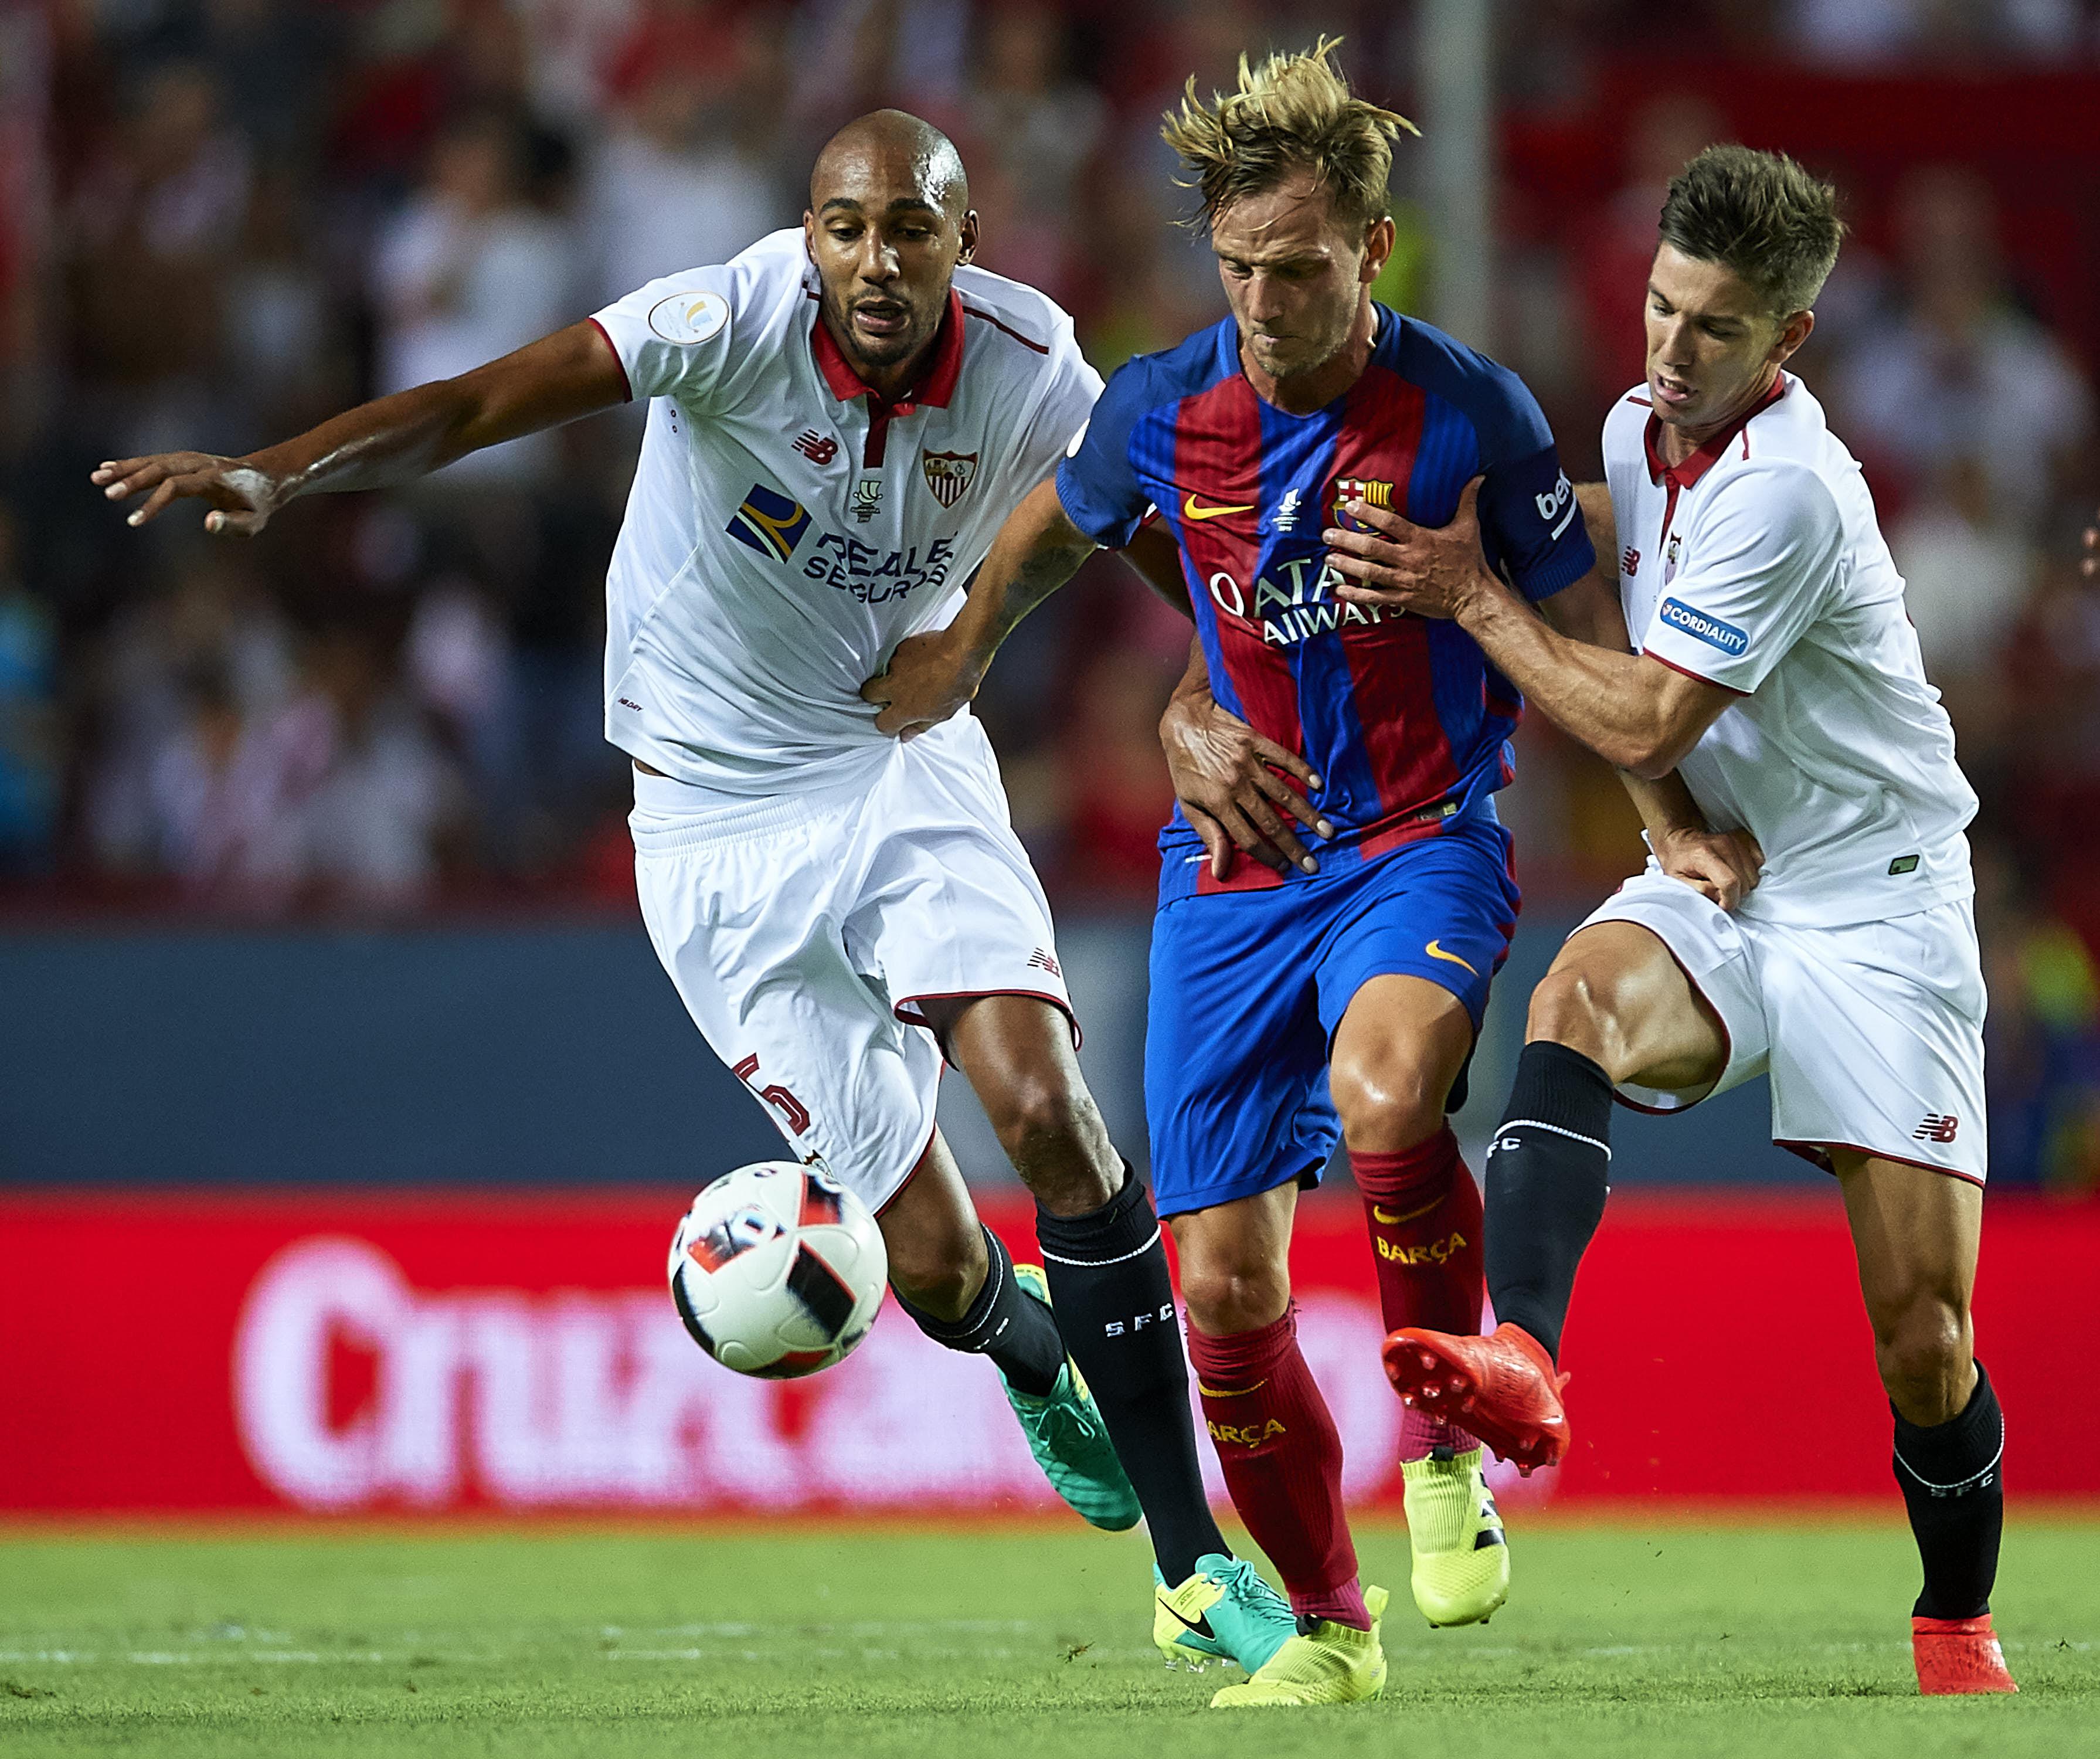 Luis Enrique Rotate Midfield Fc Barcelona Seville Spain August 14